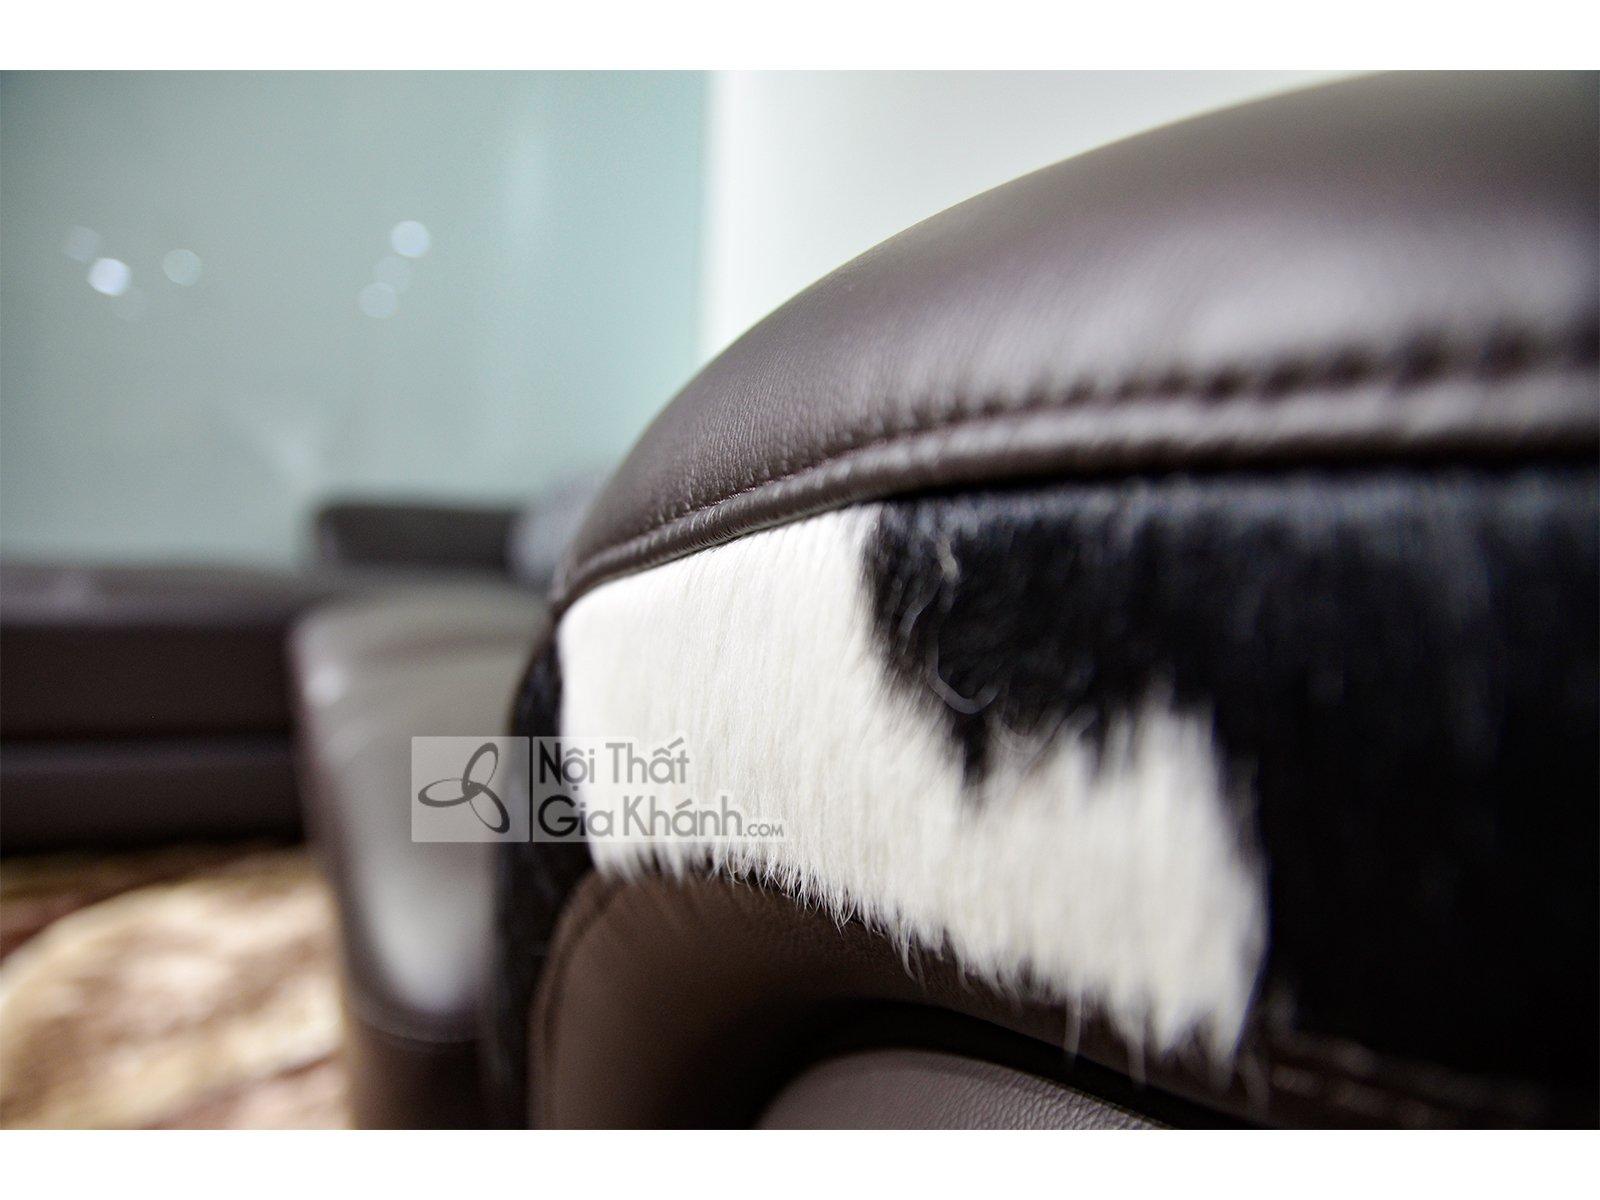 sofa gia dinh bang da 2 bang nau cafe goc phai 9194n sf - Sofa da hiện đại cho phòng khách SP0919-2-A1